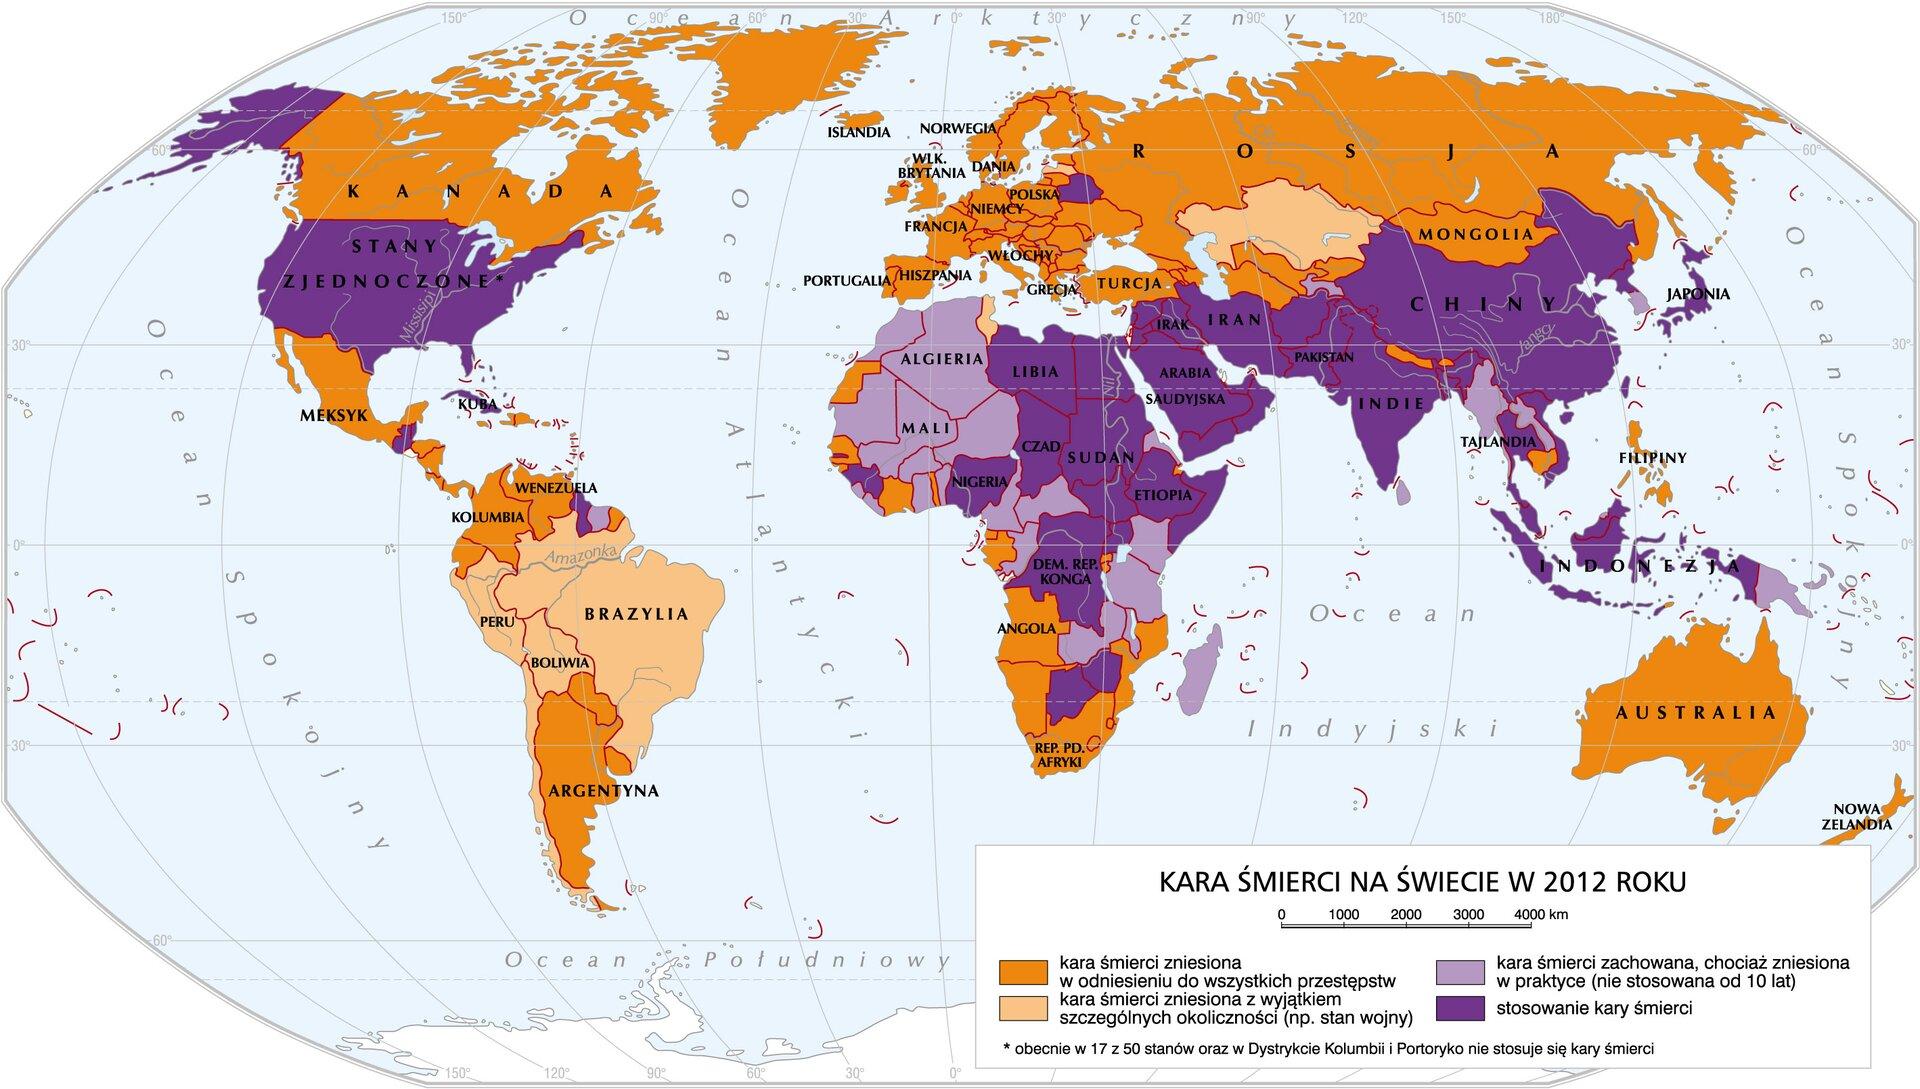 mapa -Kara śmierci na świecie